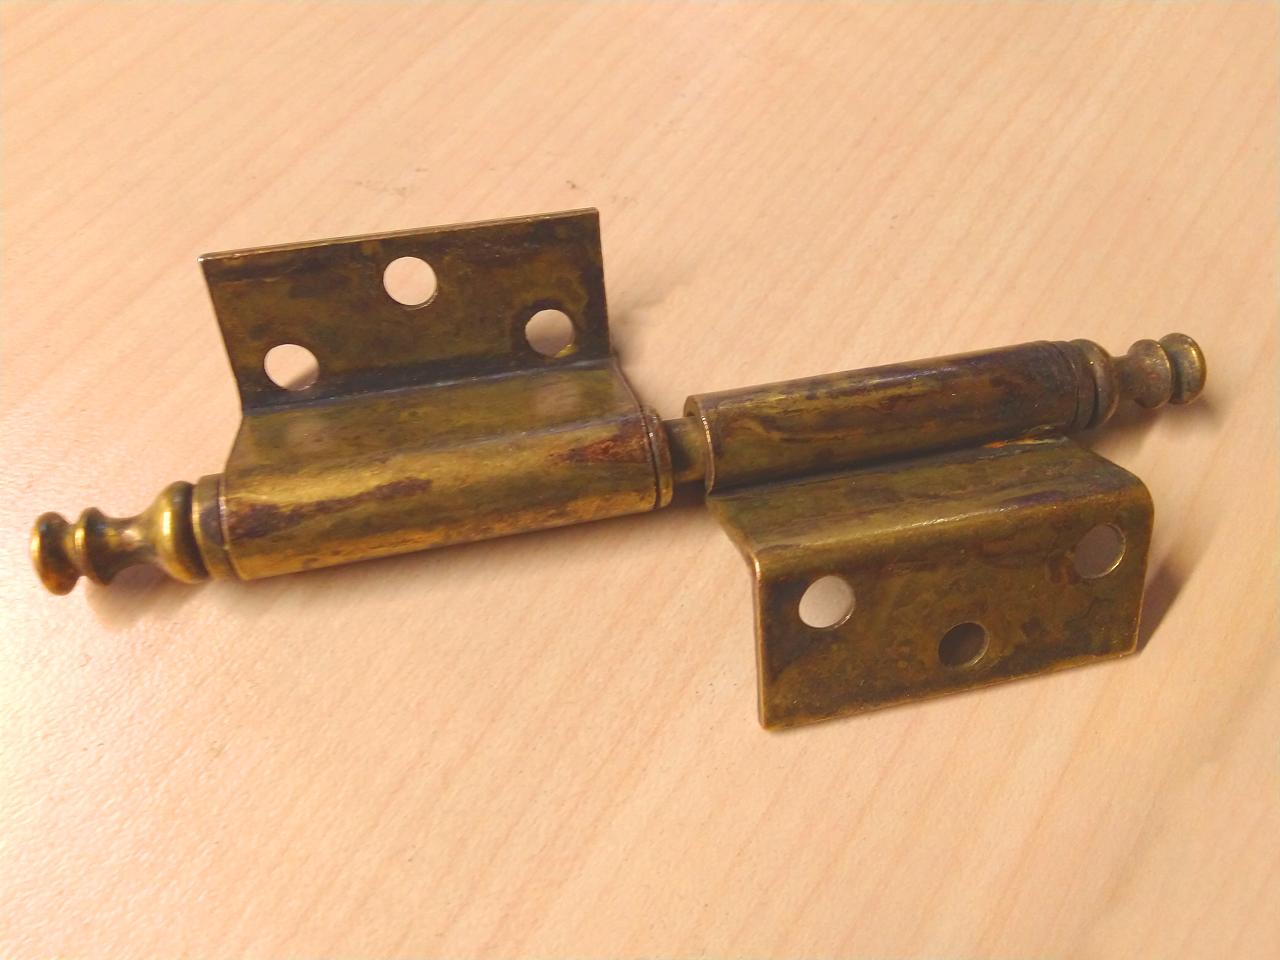 Cerniera per mobili zancata in ottone antico 70x105 SINISTRA - METAL STYLE